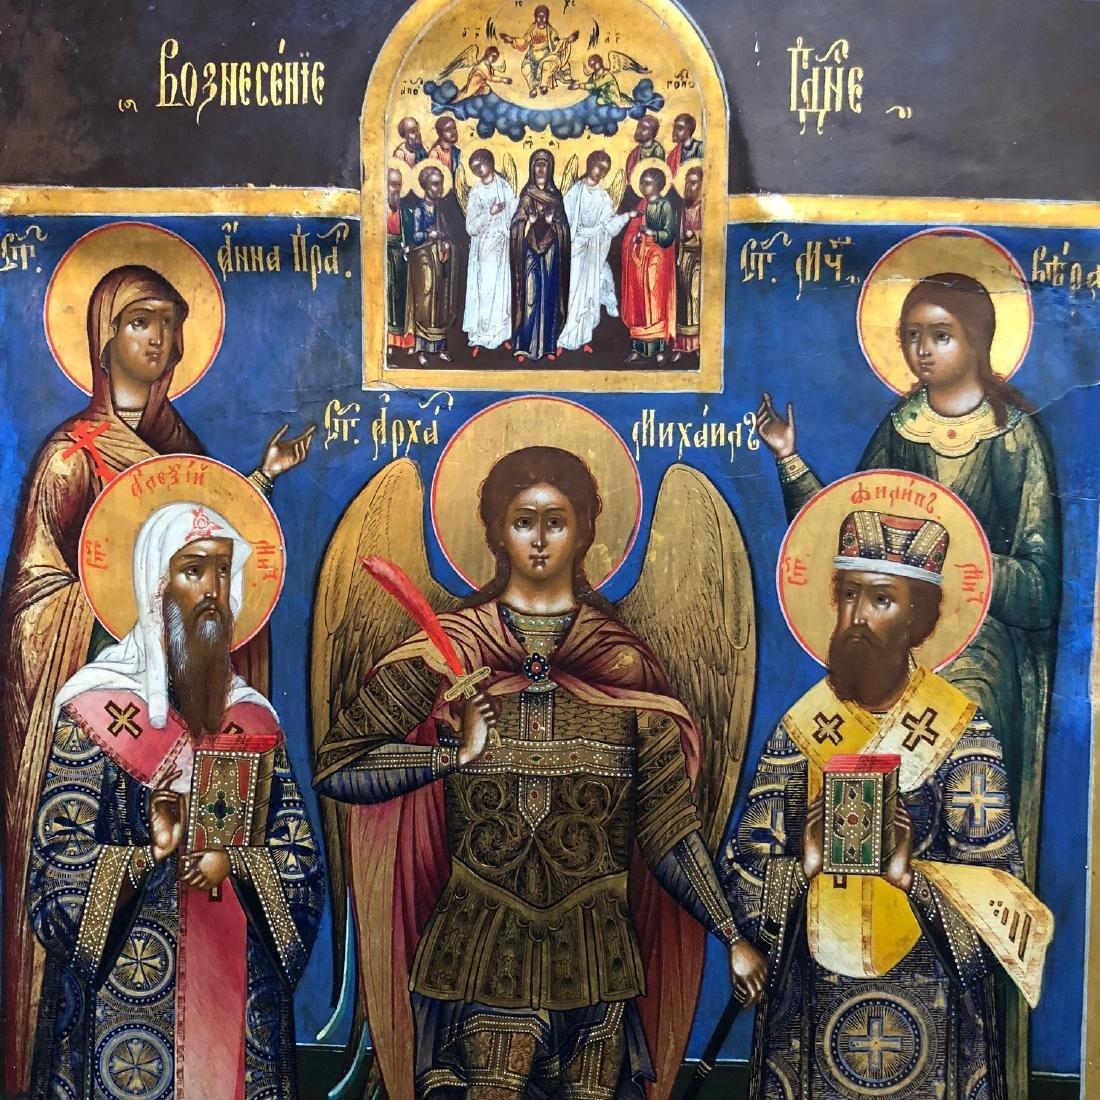 Archangel Michael with Saints - 6